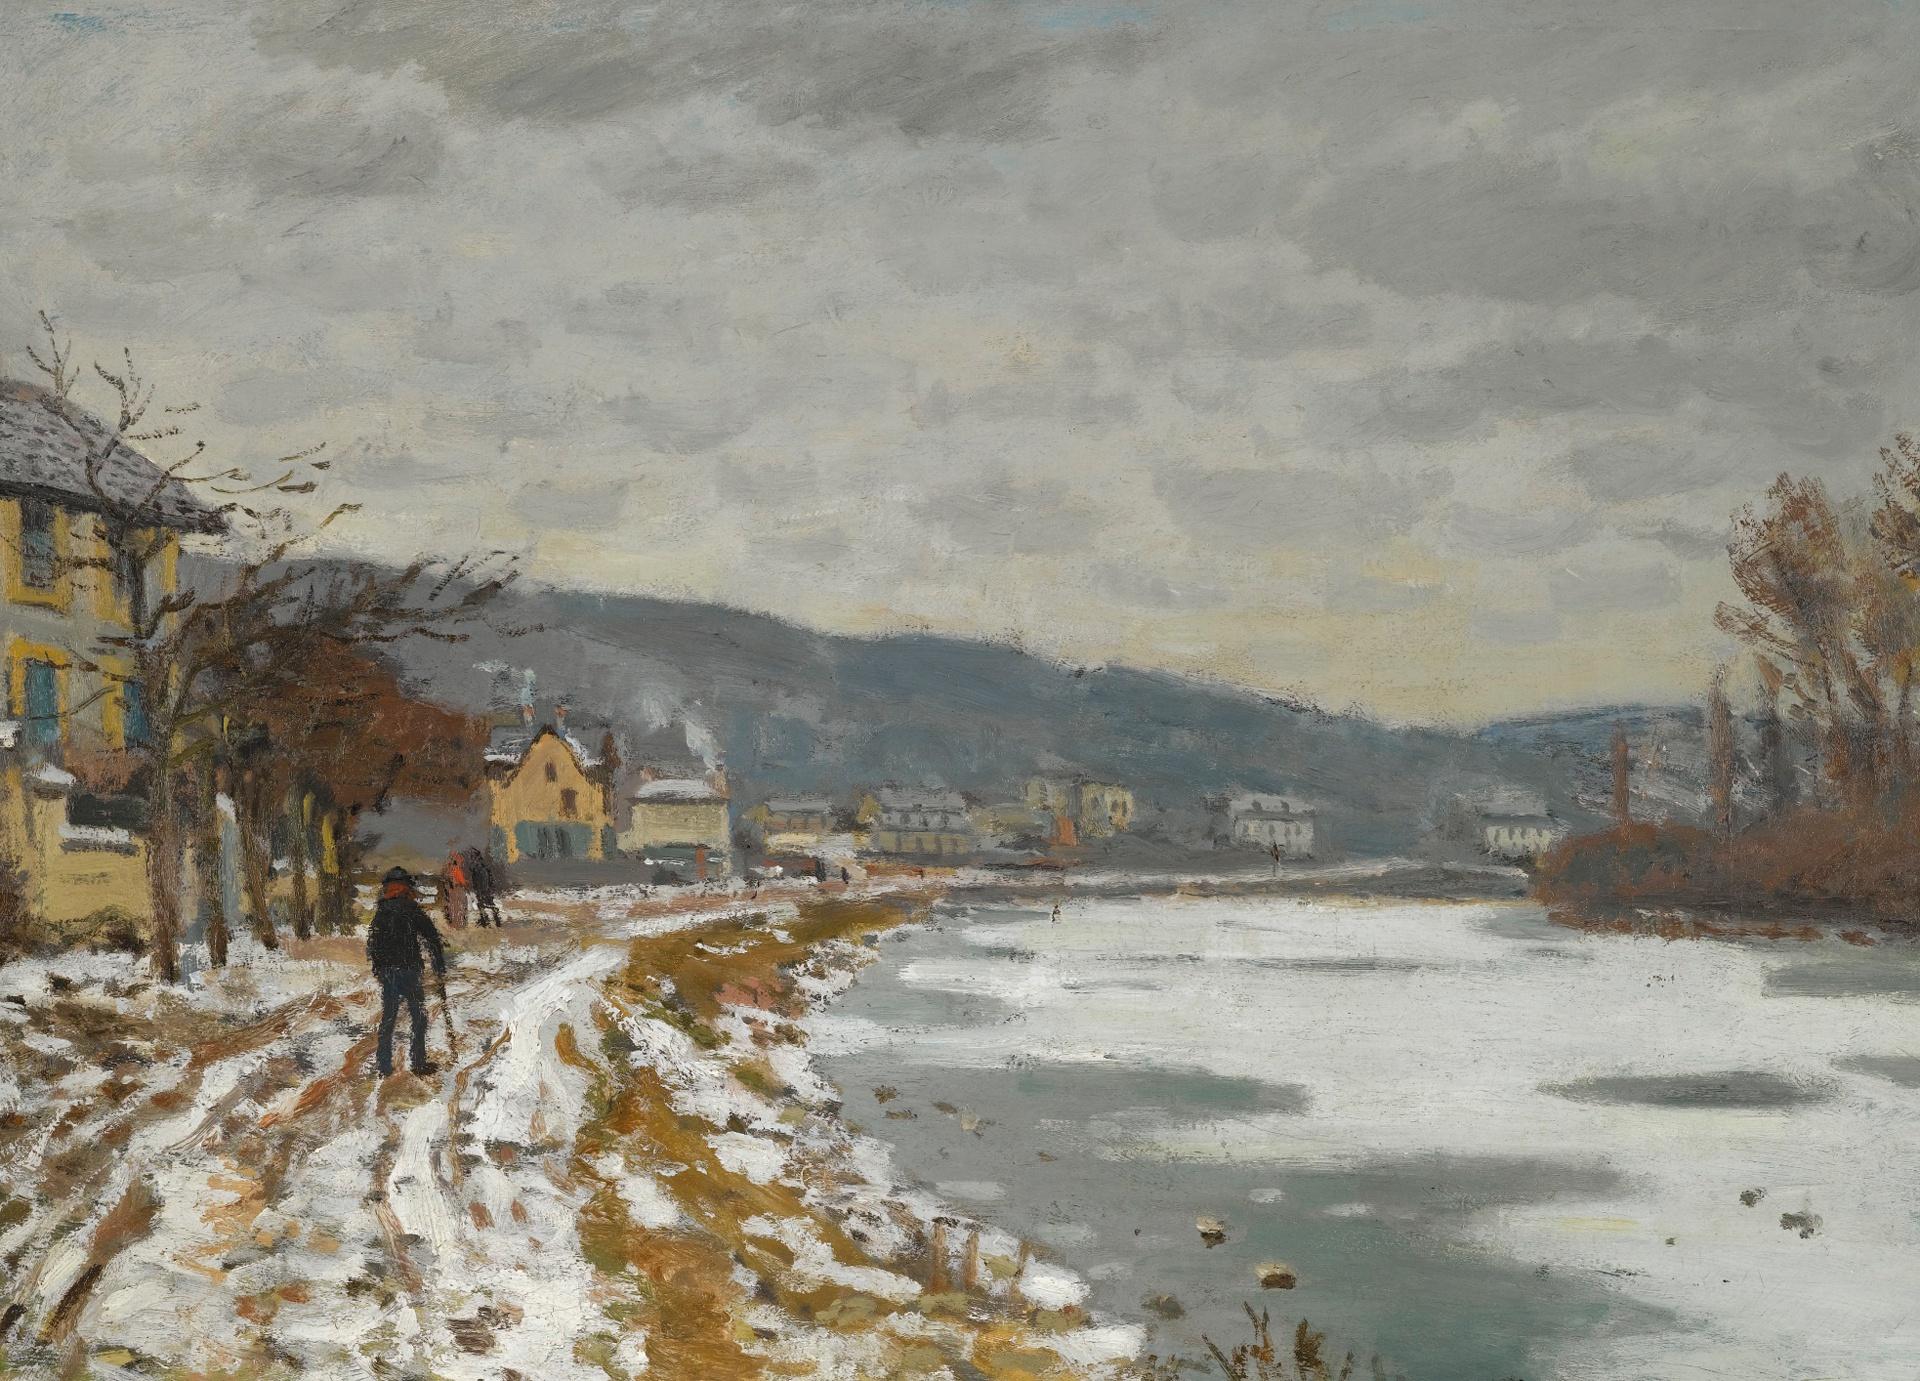 речной пейзаж < Сена, Буживаль >:: Клод Моне, описание картины - Claude Monet фото